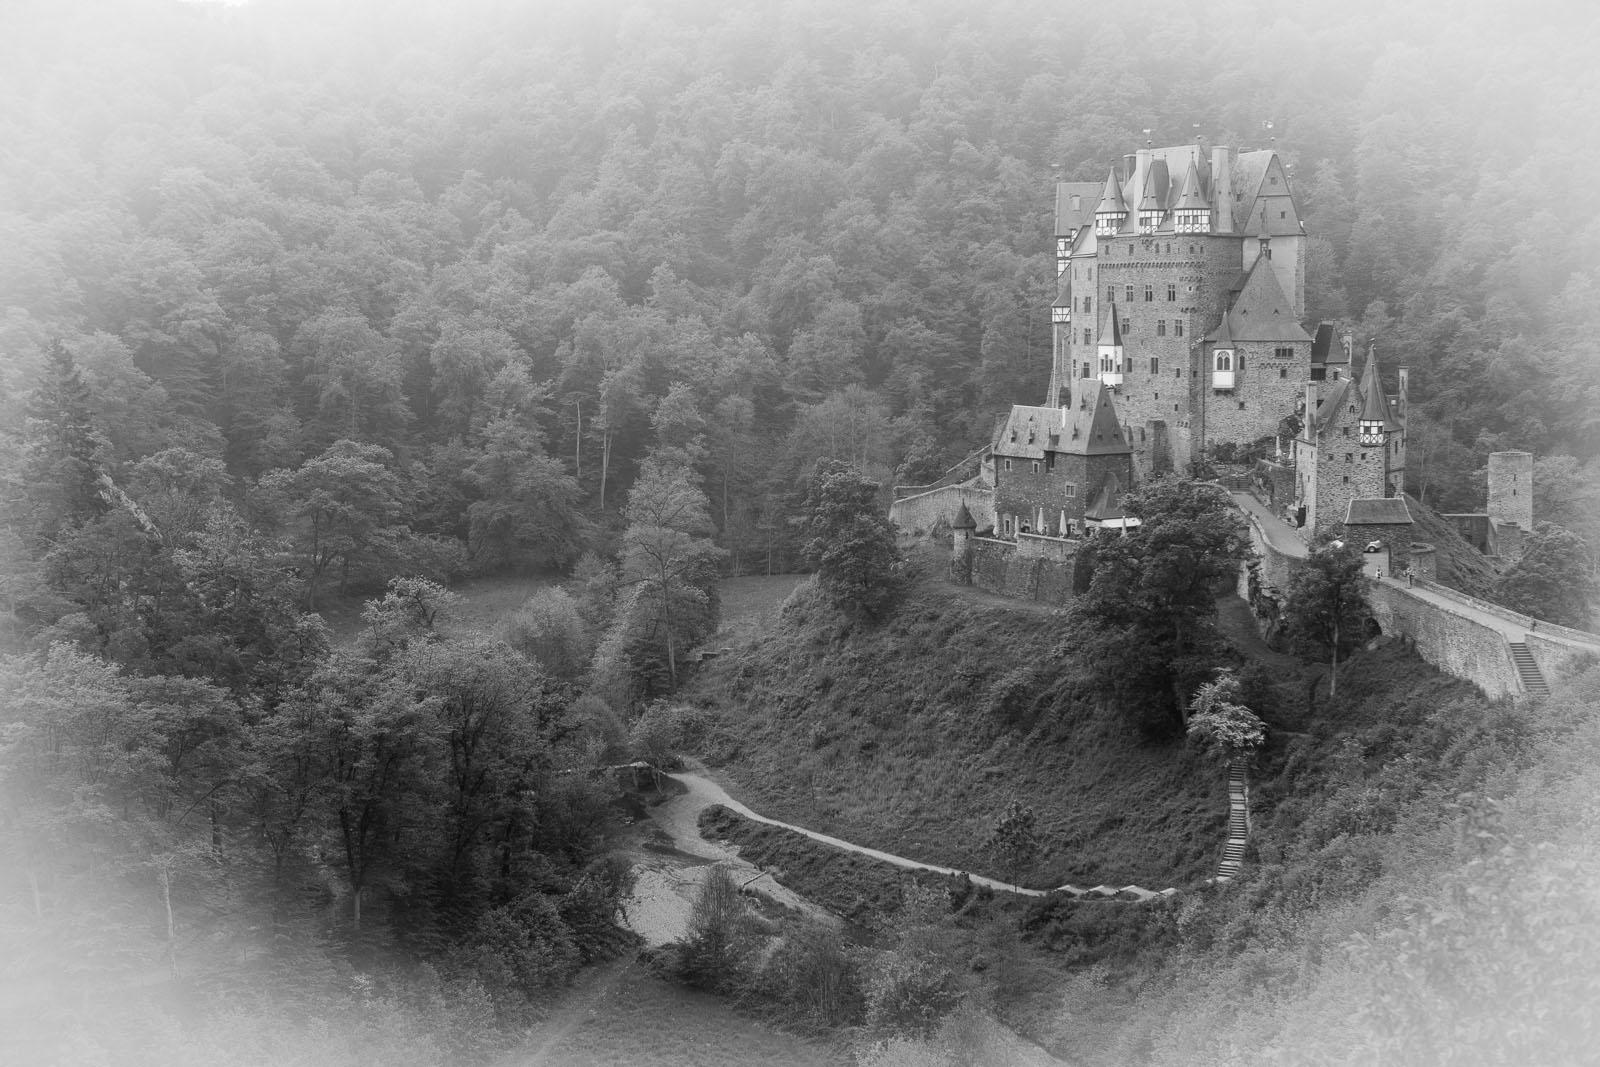 2014-05-02_10-21-05_Burg Eltz__MG_2627-1600